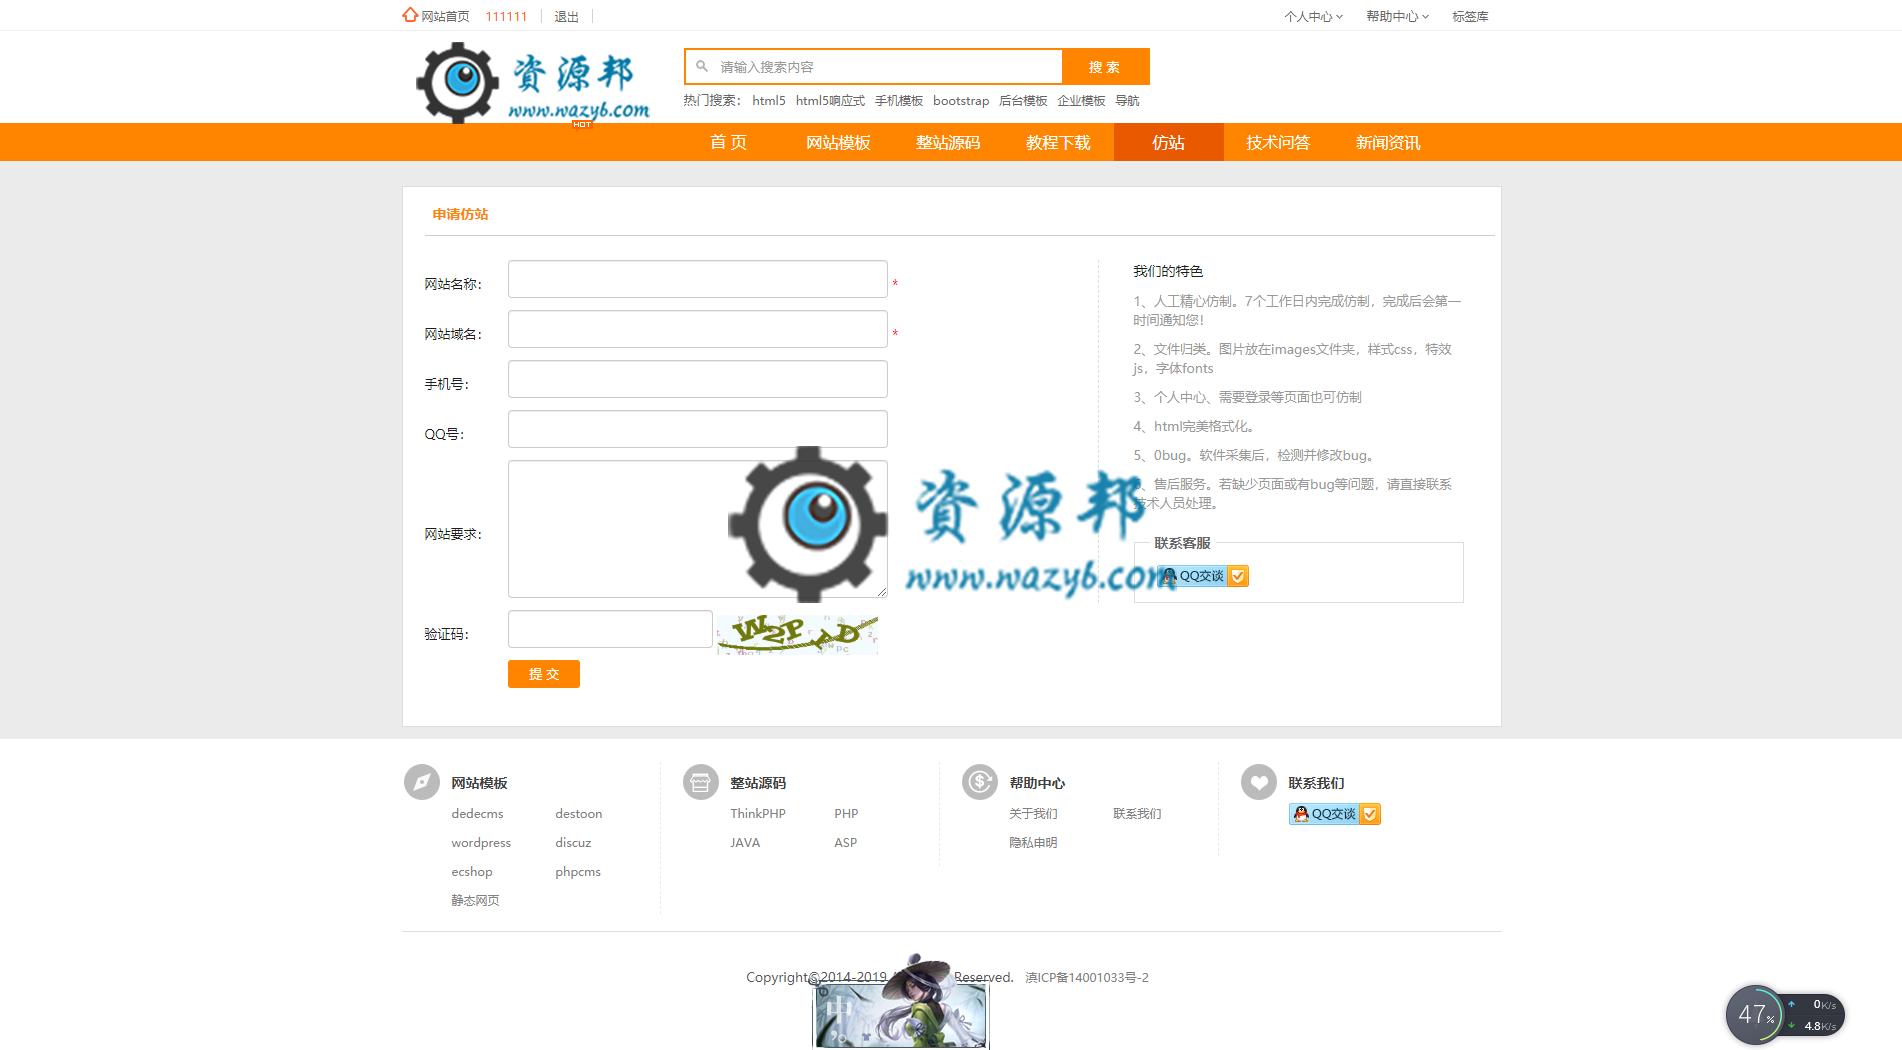 基于ThinkPHP框架开发的仿素材火源码素材资源下载网站PHP源码,支持一键采集,支持微信和支付宝支付 ThinkPHP源码 第5张